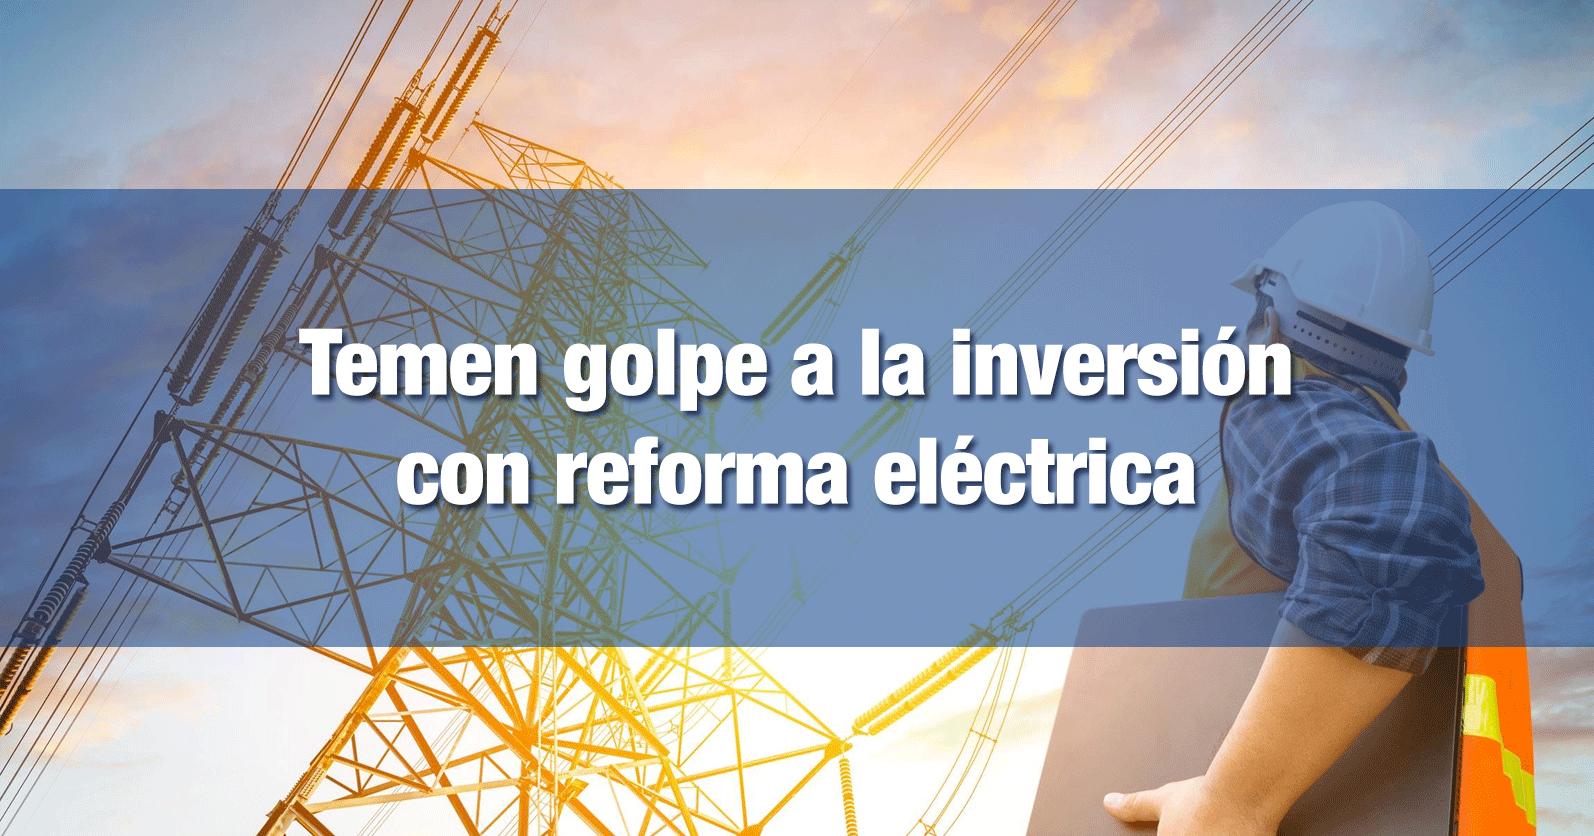 Temen golpe a la inversión con reforma eléctrica